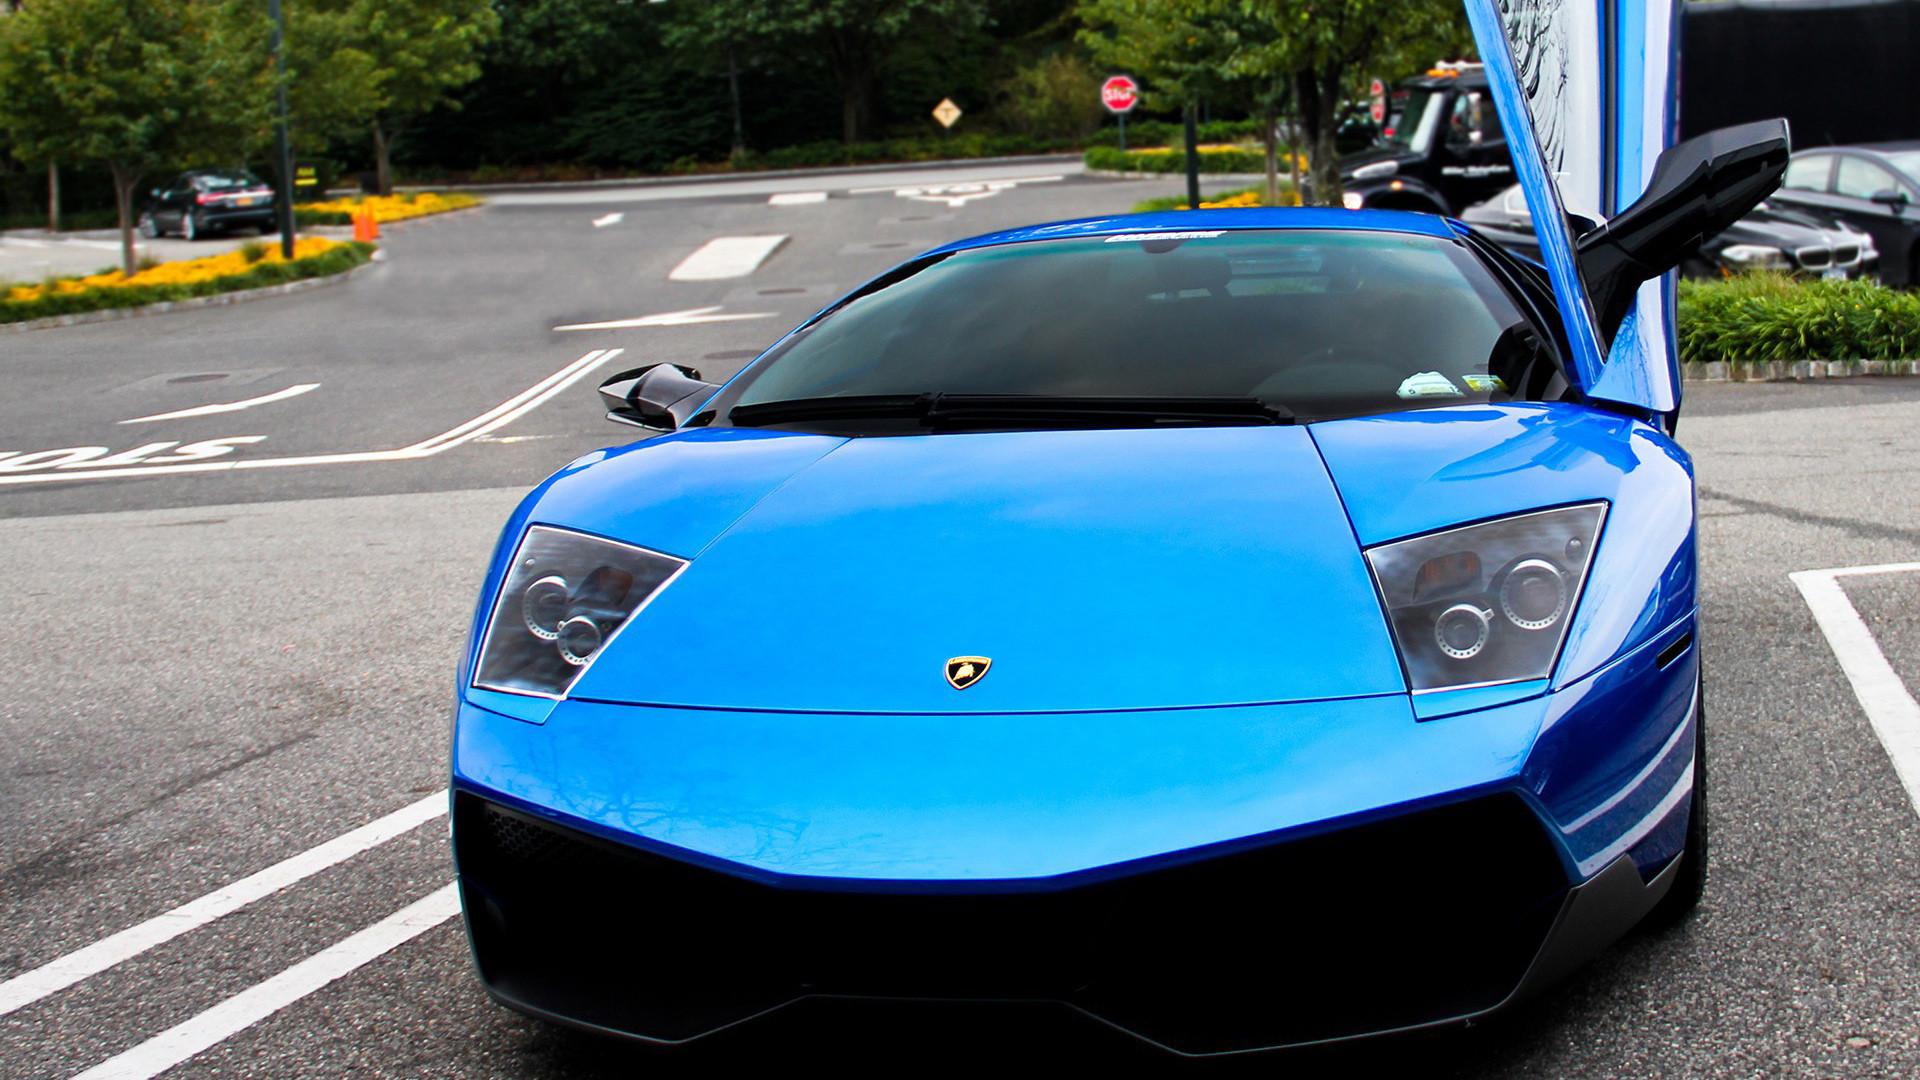 Blue Lamborghini Car